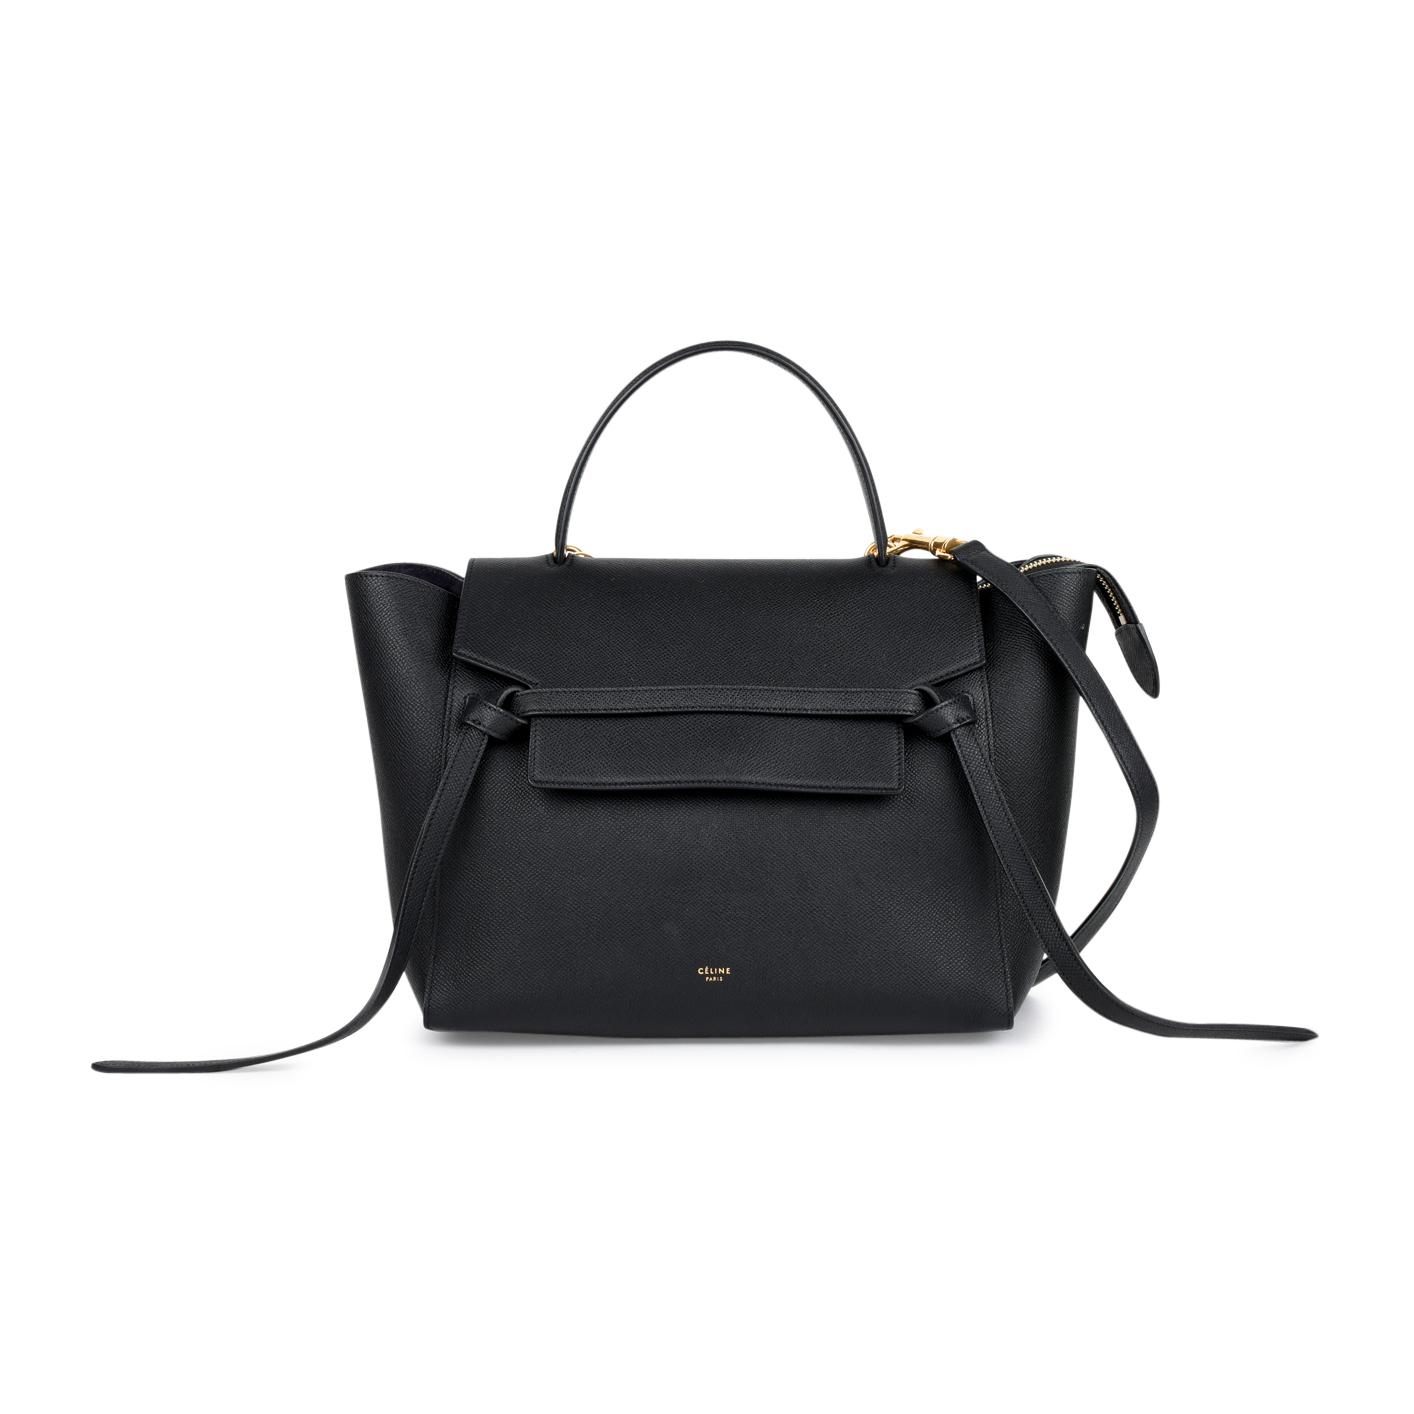 Authentic Second Hand Céline Belt Tote Bag (PSS-460-00002)  8dcfd5fec2a5c